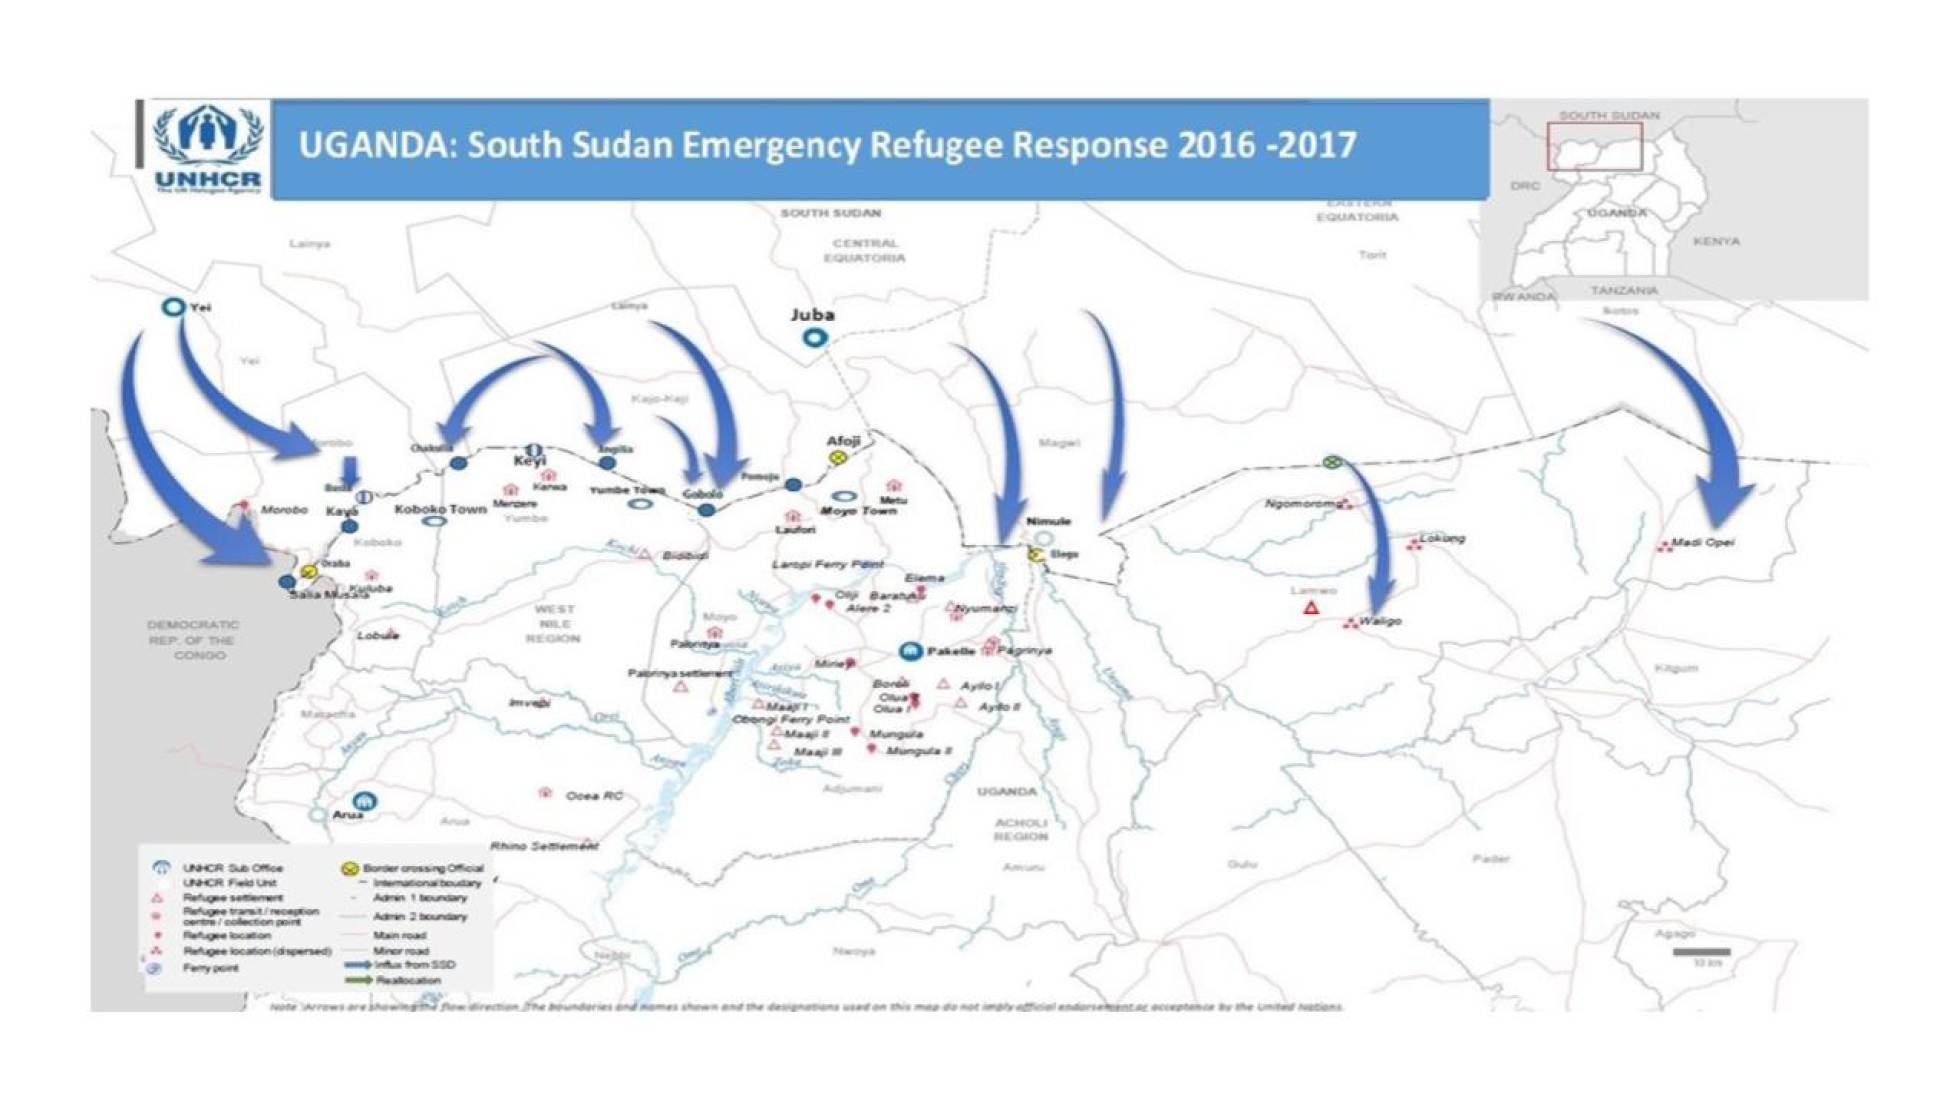 Sudán, Sudán del Sur. Militarismo, guerras, petróleo. - Página 5 1494878021_892109_1494880795_sumario_normal_recorte1